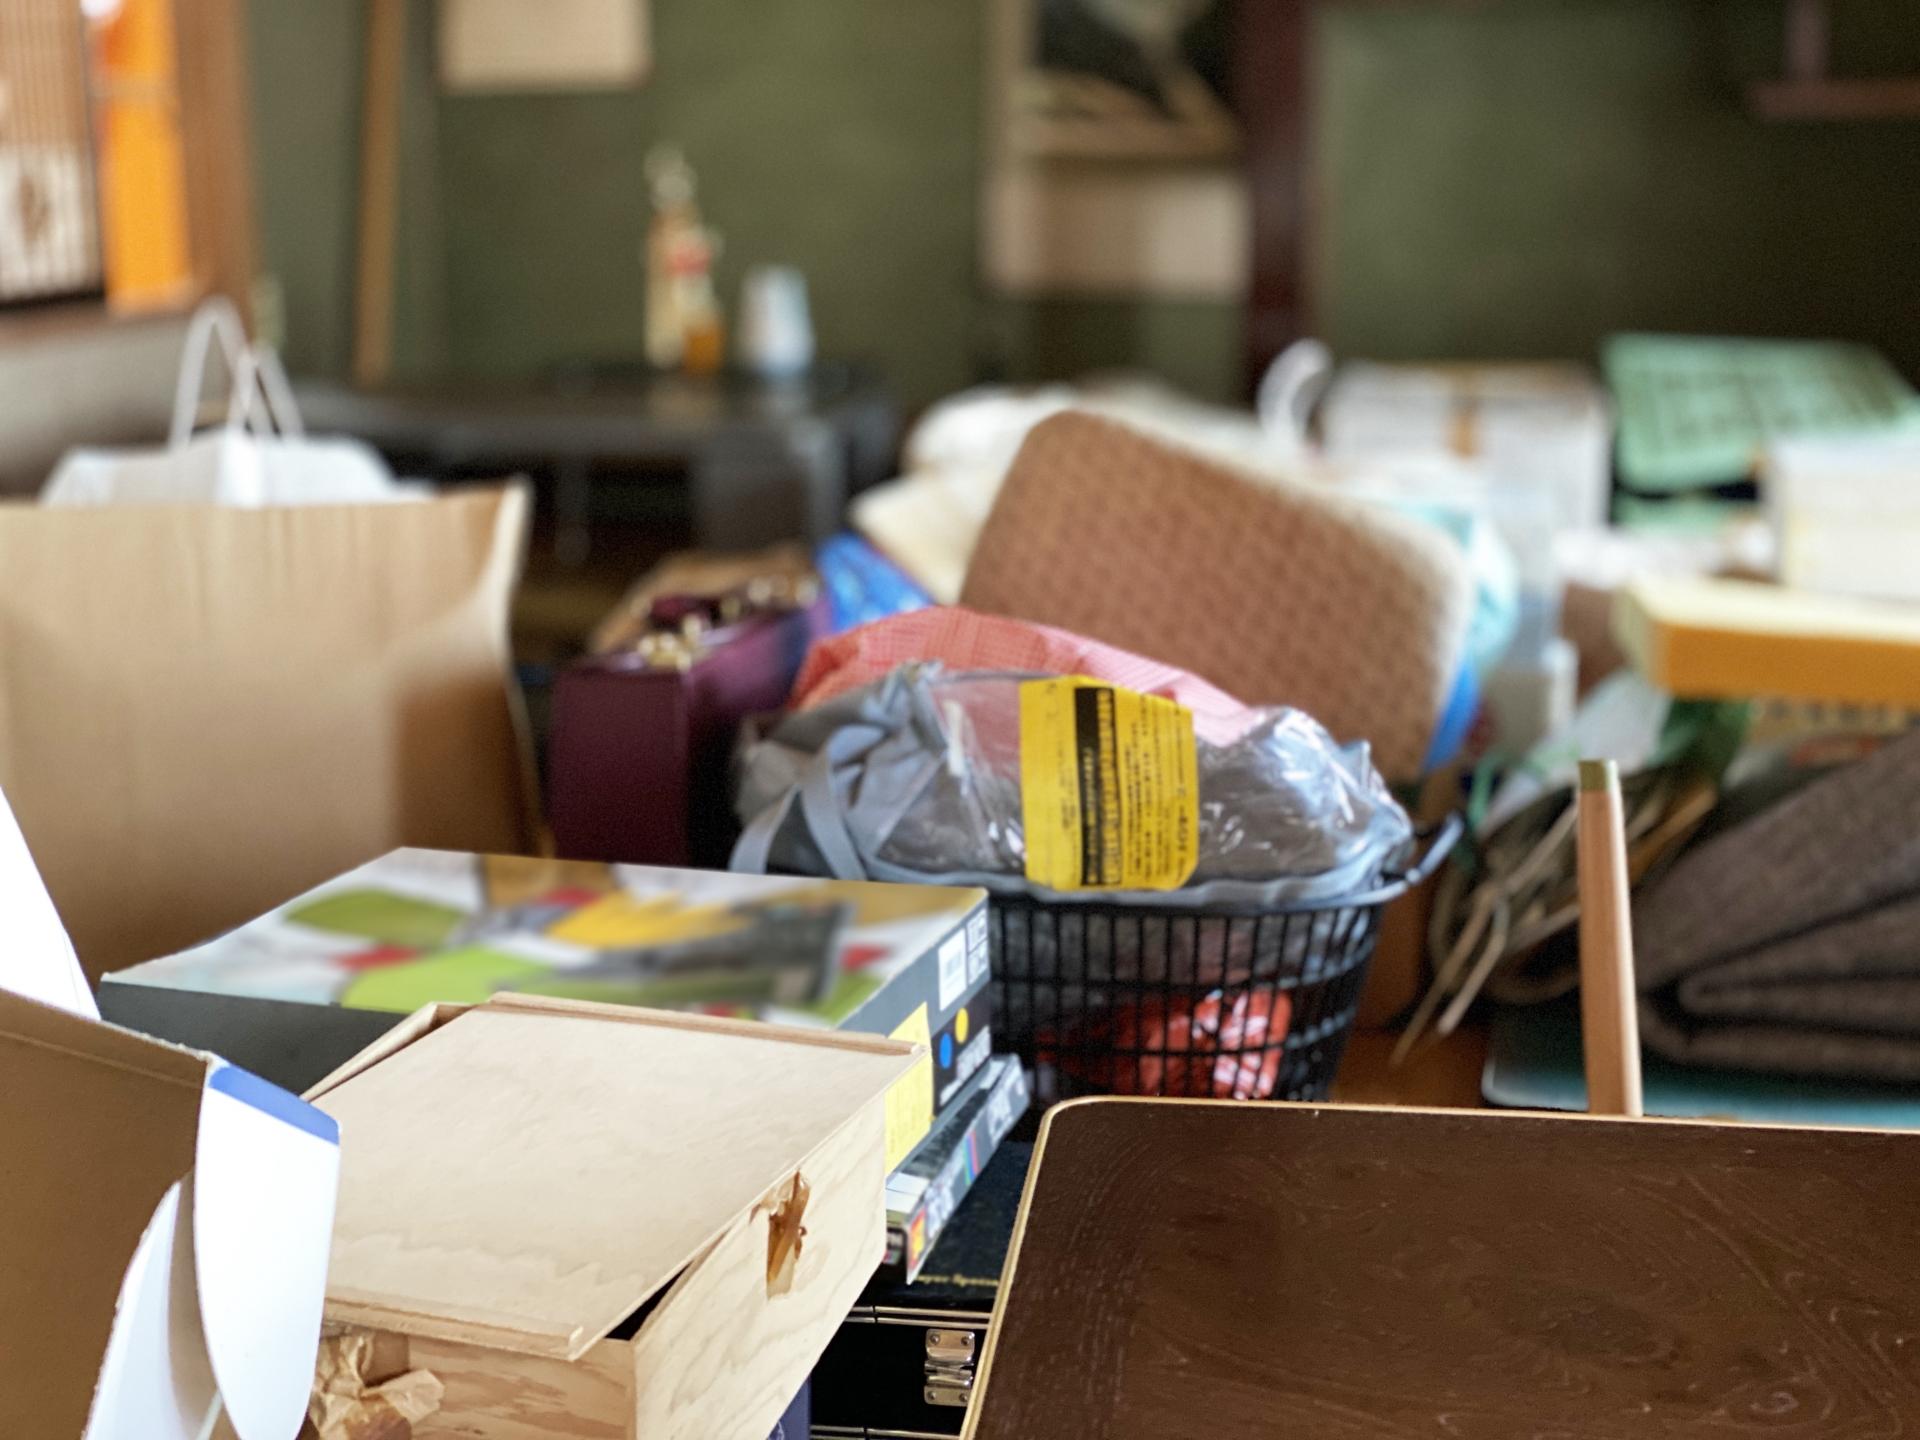 家財整理とは?遺品整理と何が違う?